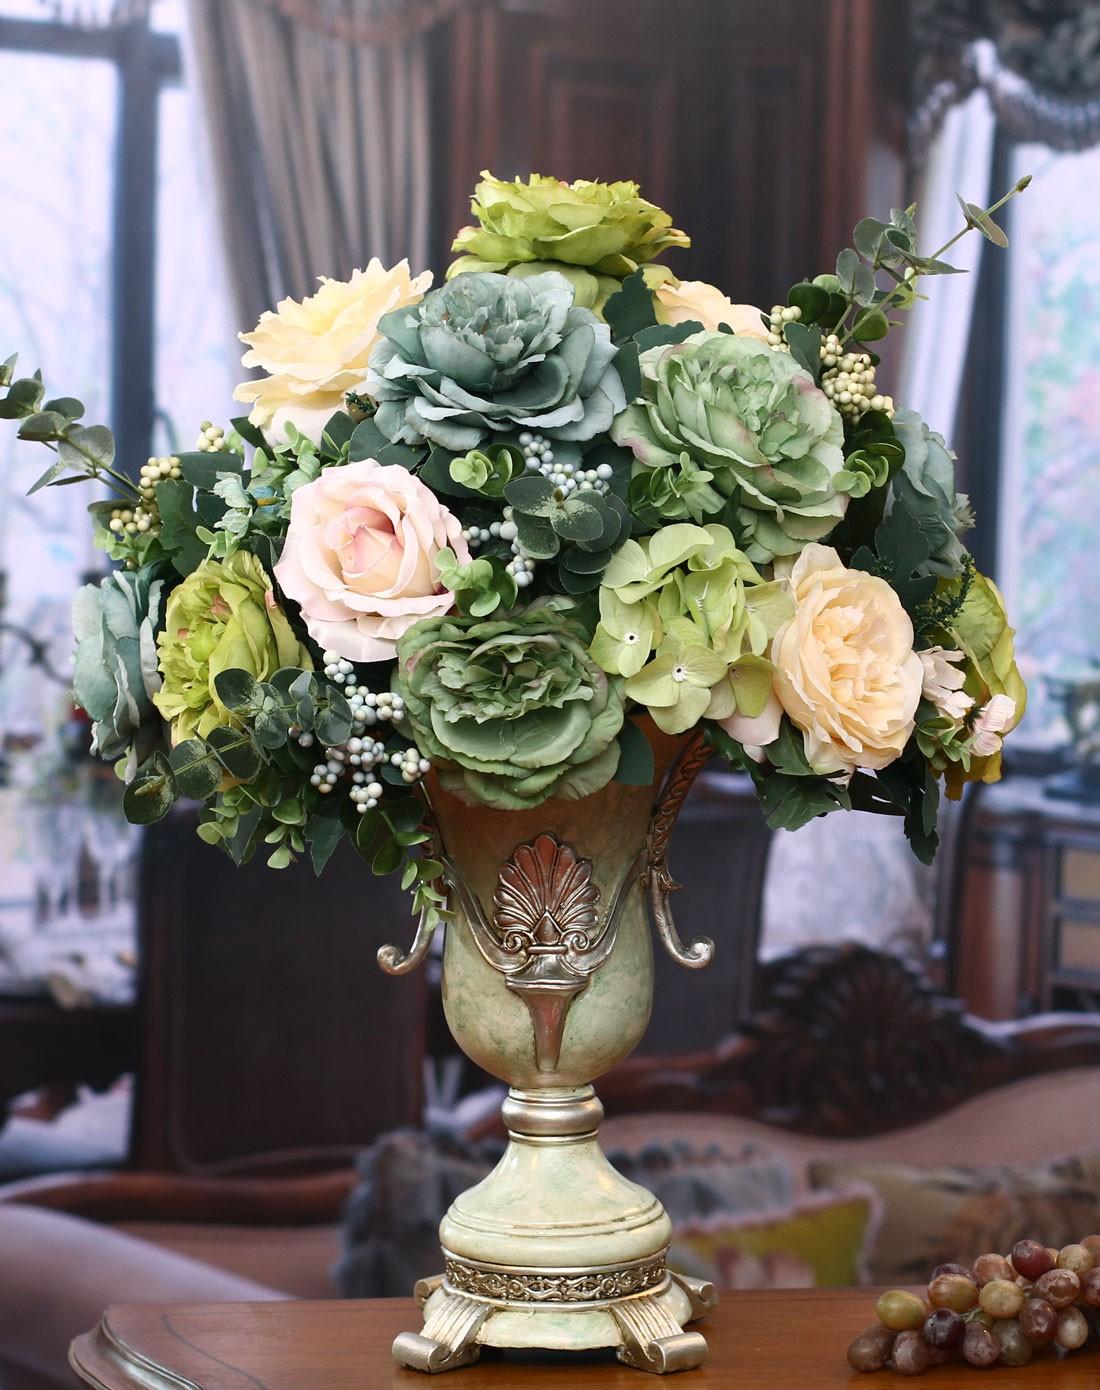 装饰品-高档花瓶欧式图片